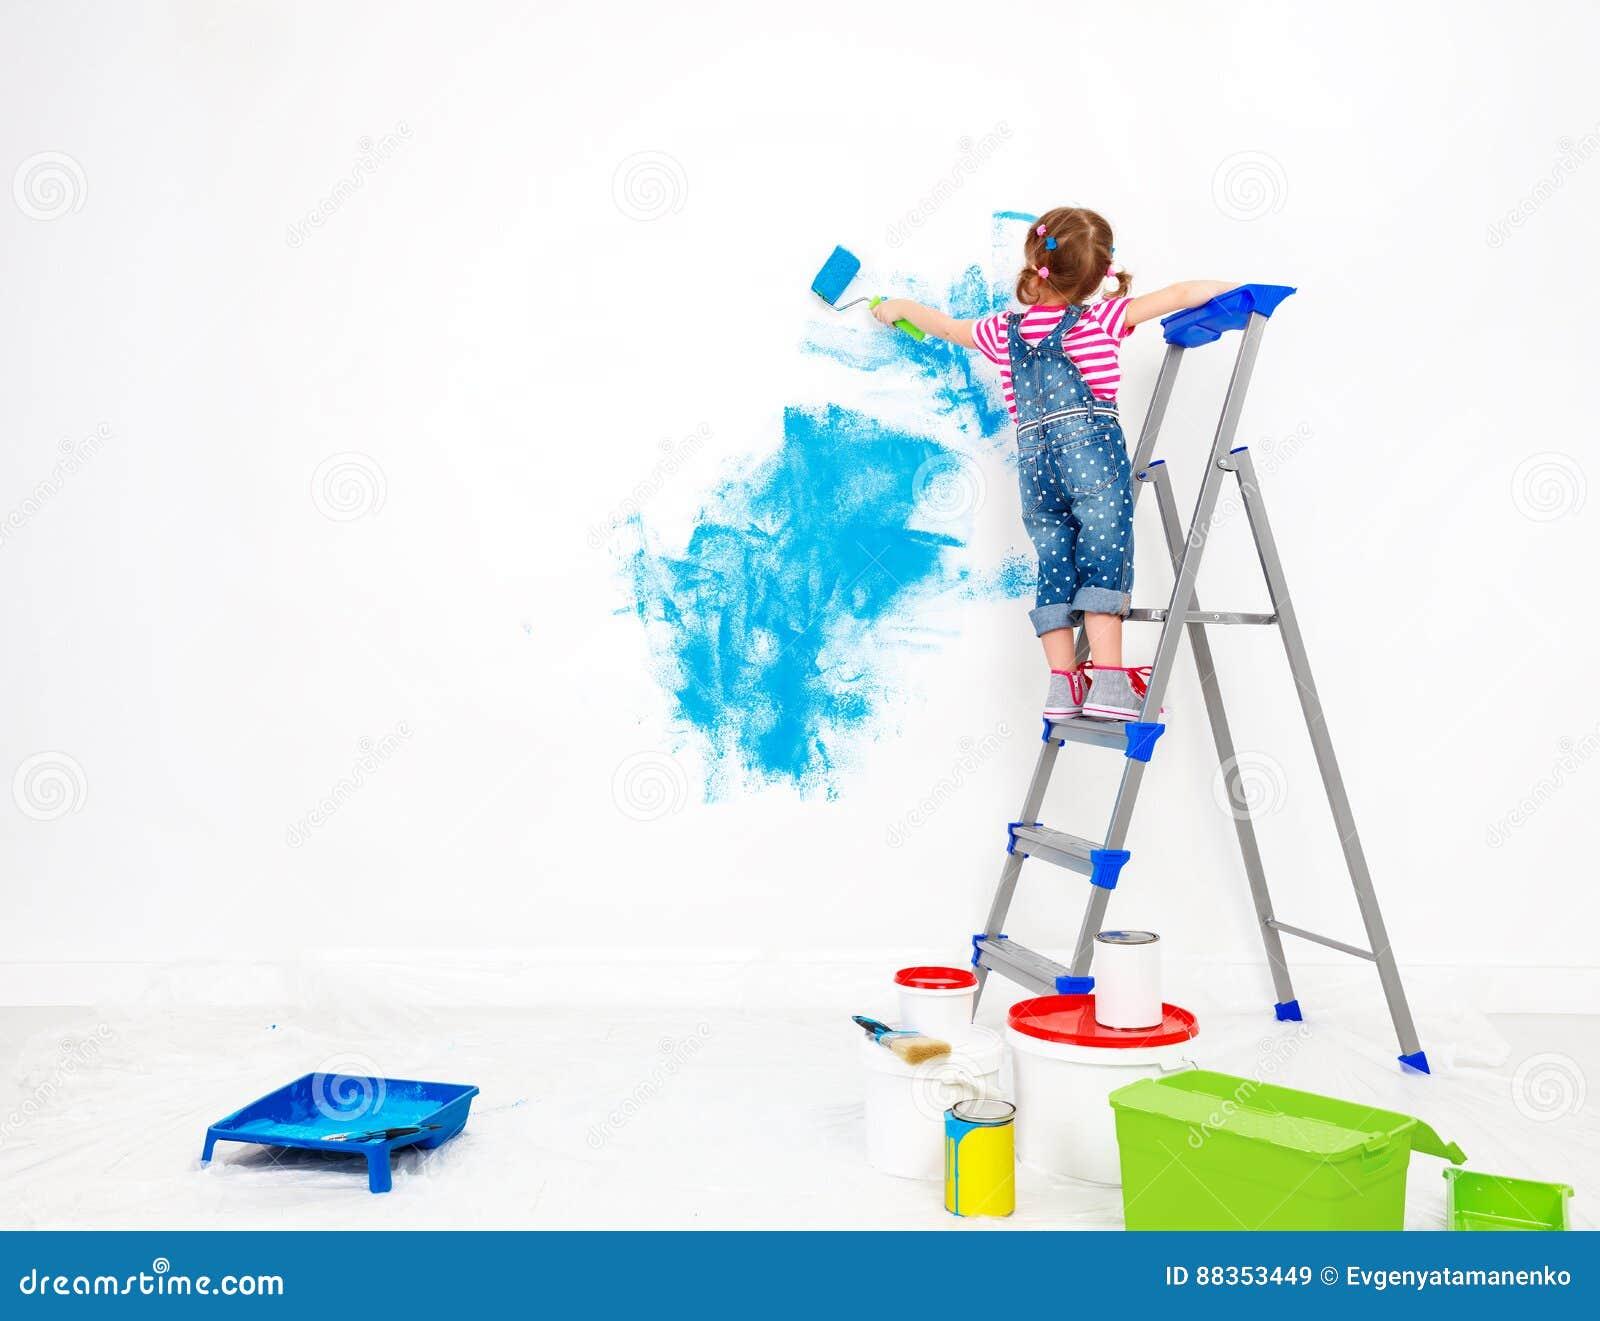 Reparatur In Der Wohnung Glückliches Kindermädchen Malt Wand